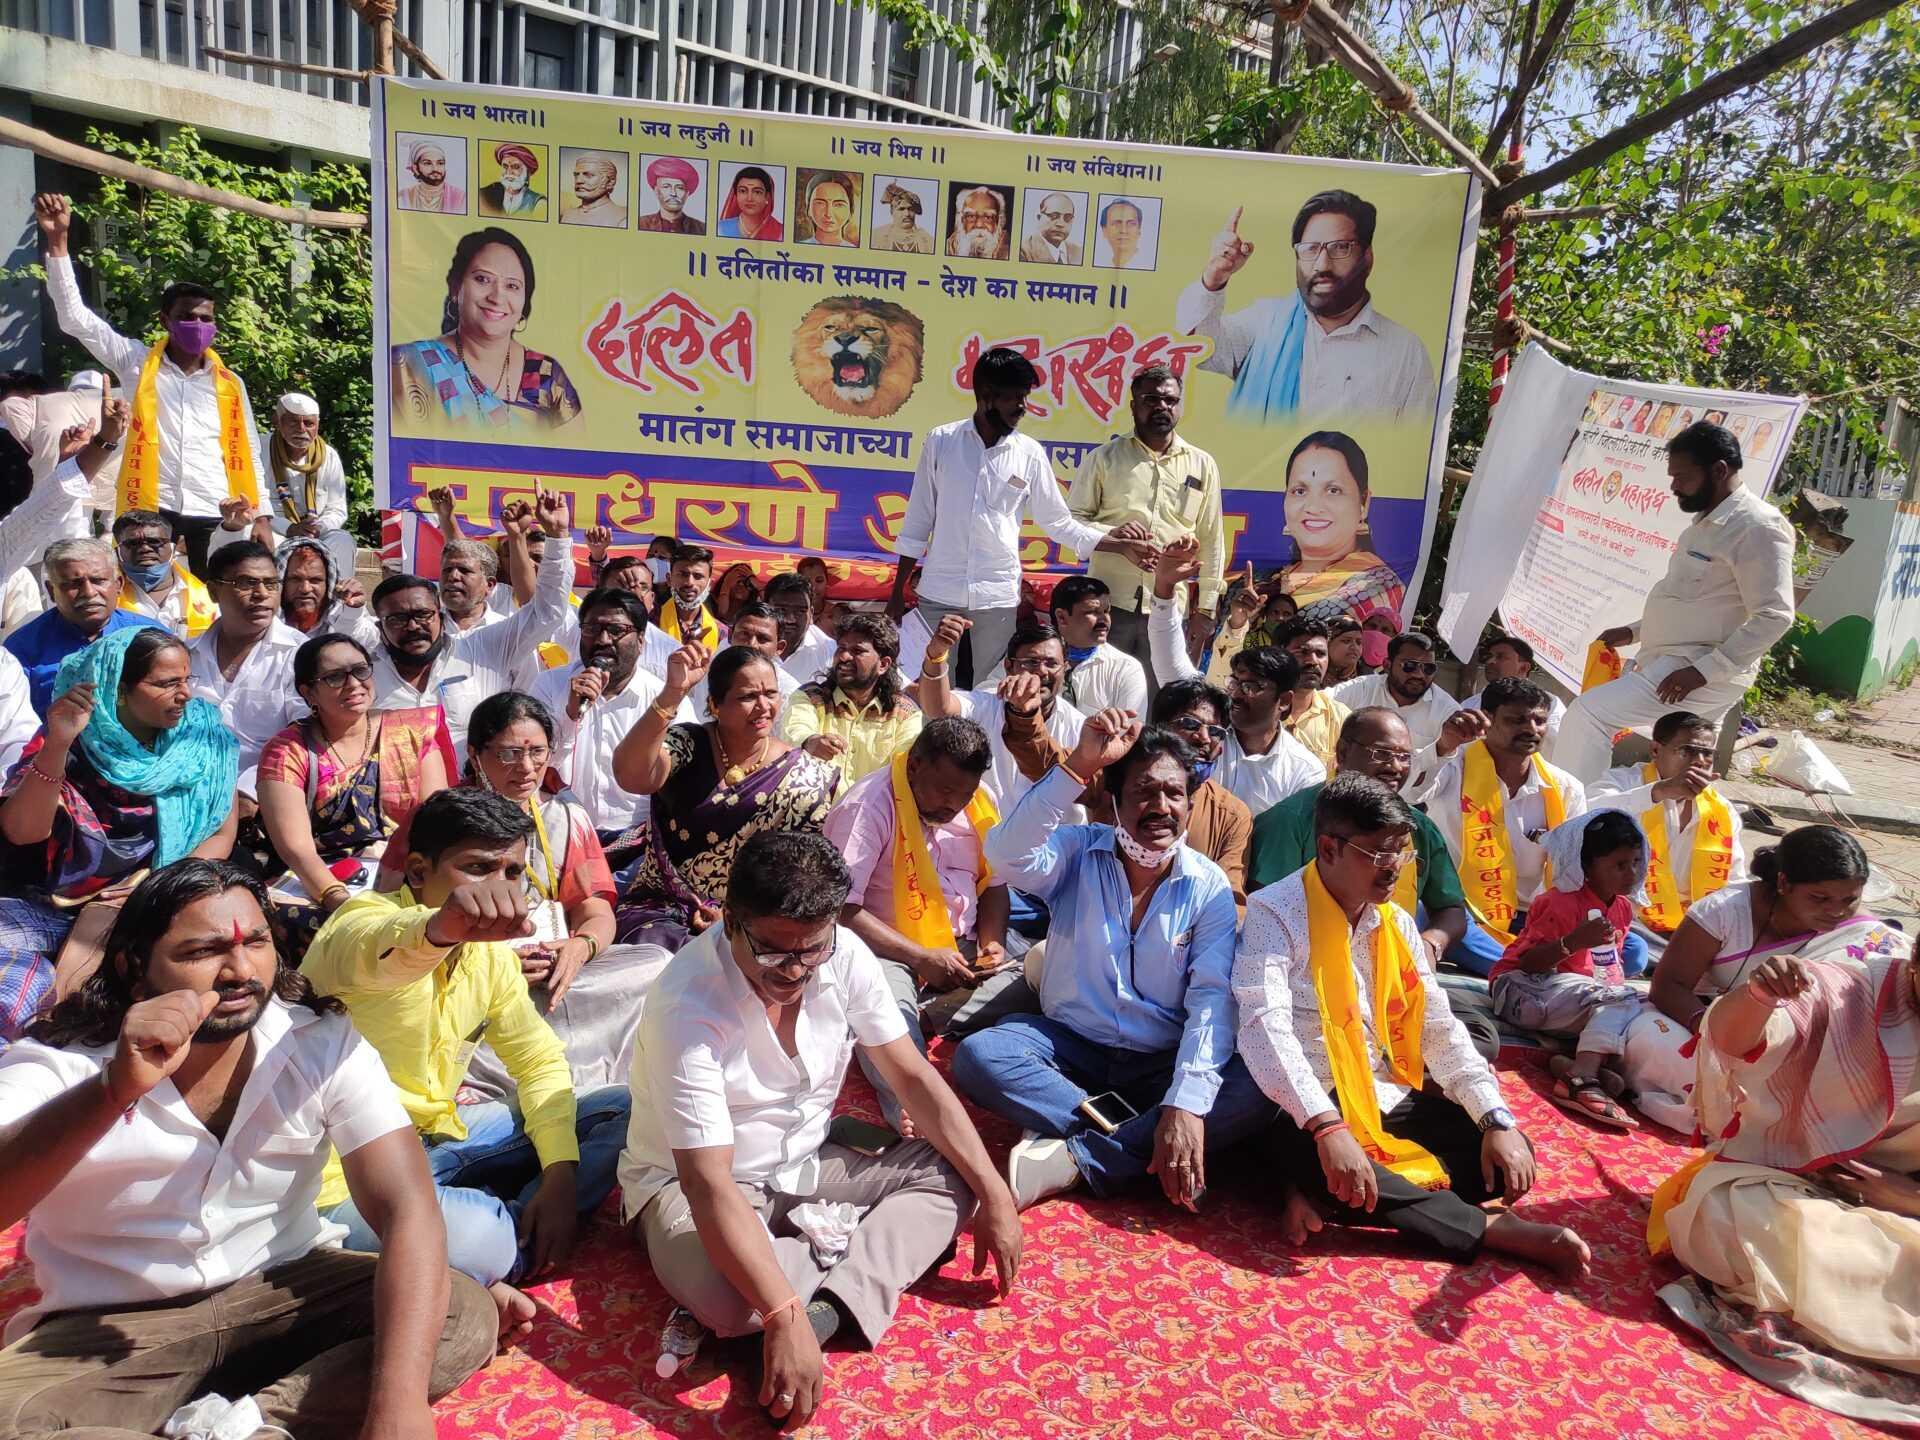 मातंग समाजाच्या आरक्षणासाठी  जिल्हाधिकारी कार्यालयासमोर आक्रोश आंदोलन